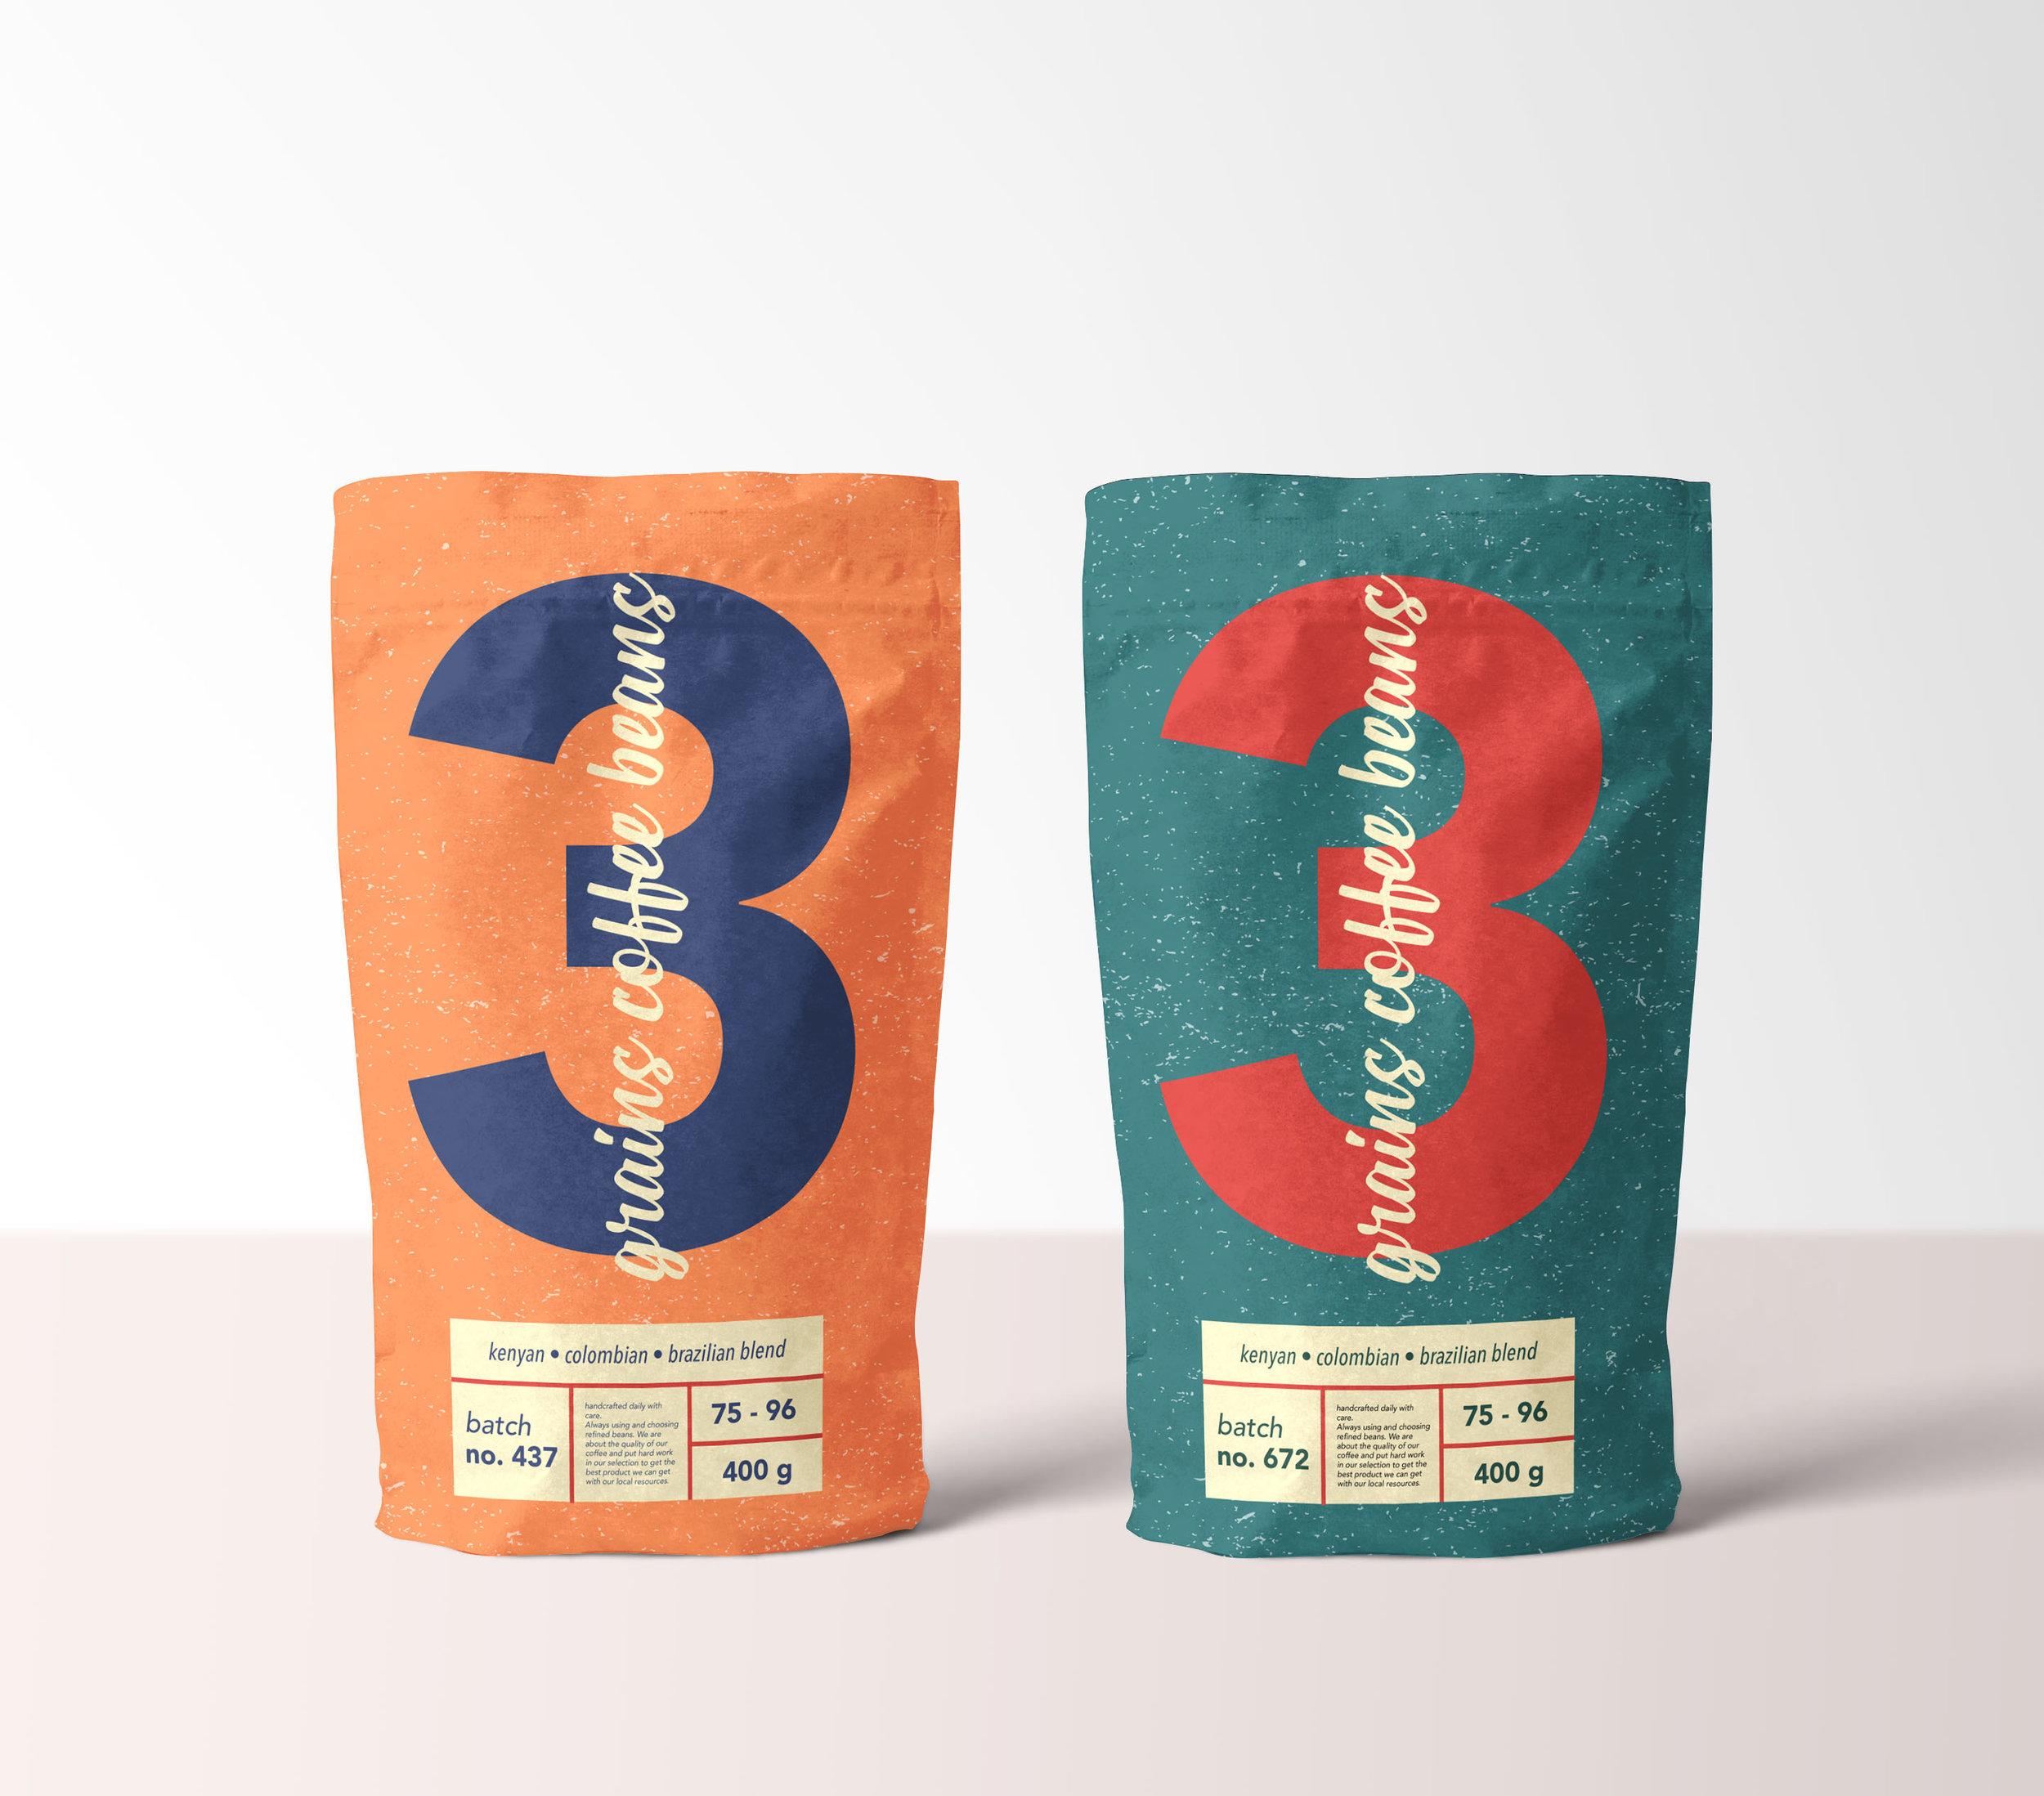 3beanscoffee_packaging.jpg